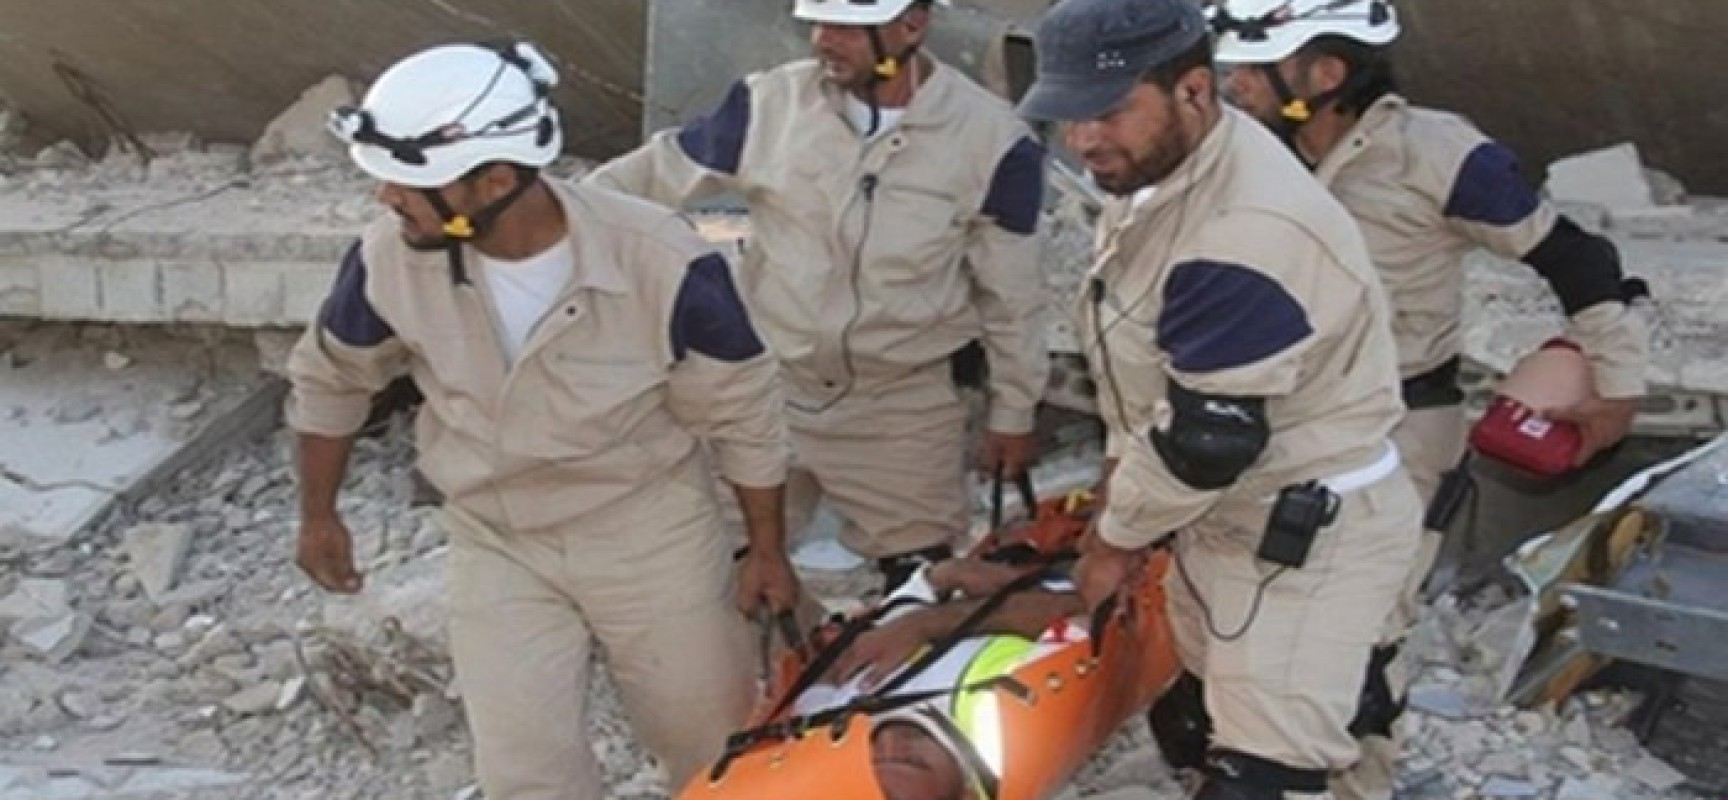 Syrie: Une autre « attaque chimique » à l'horizon?